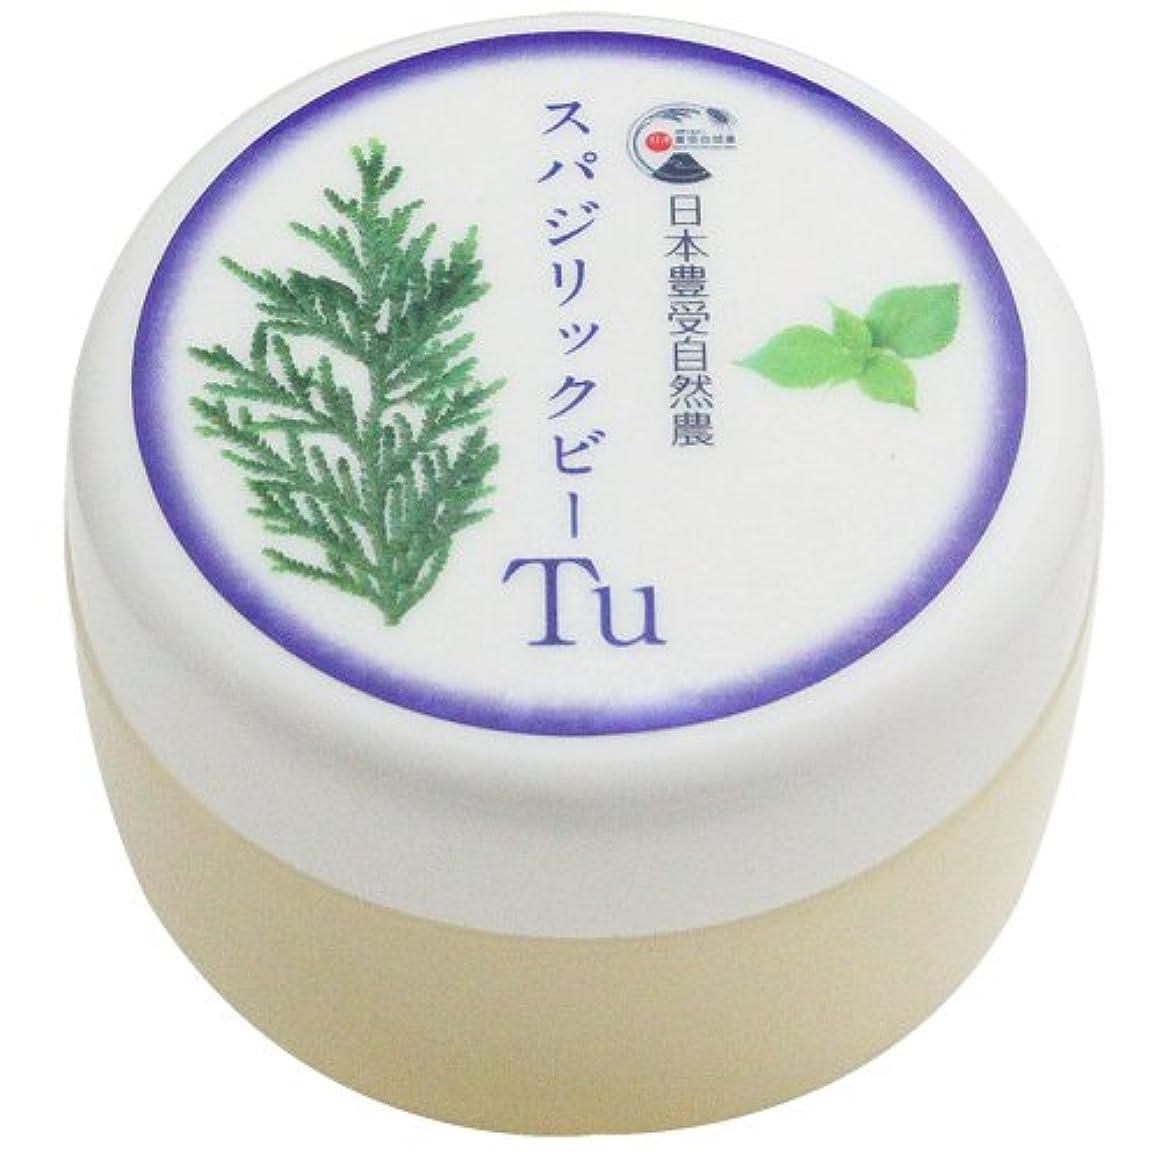 副産物パズルホイップ日本豊受自然農 スパジリック ビーTu(特大) 135g